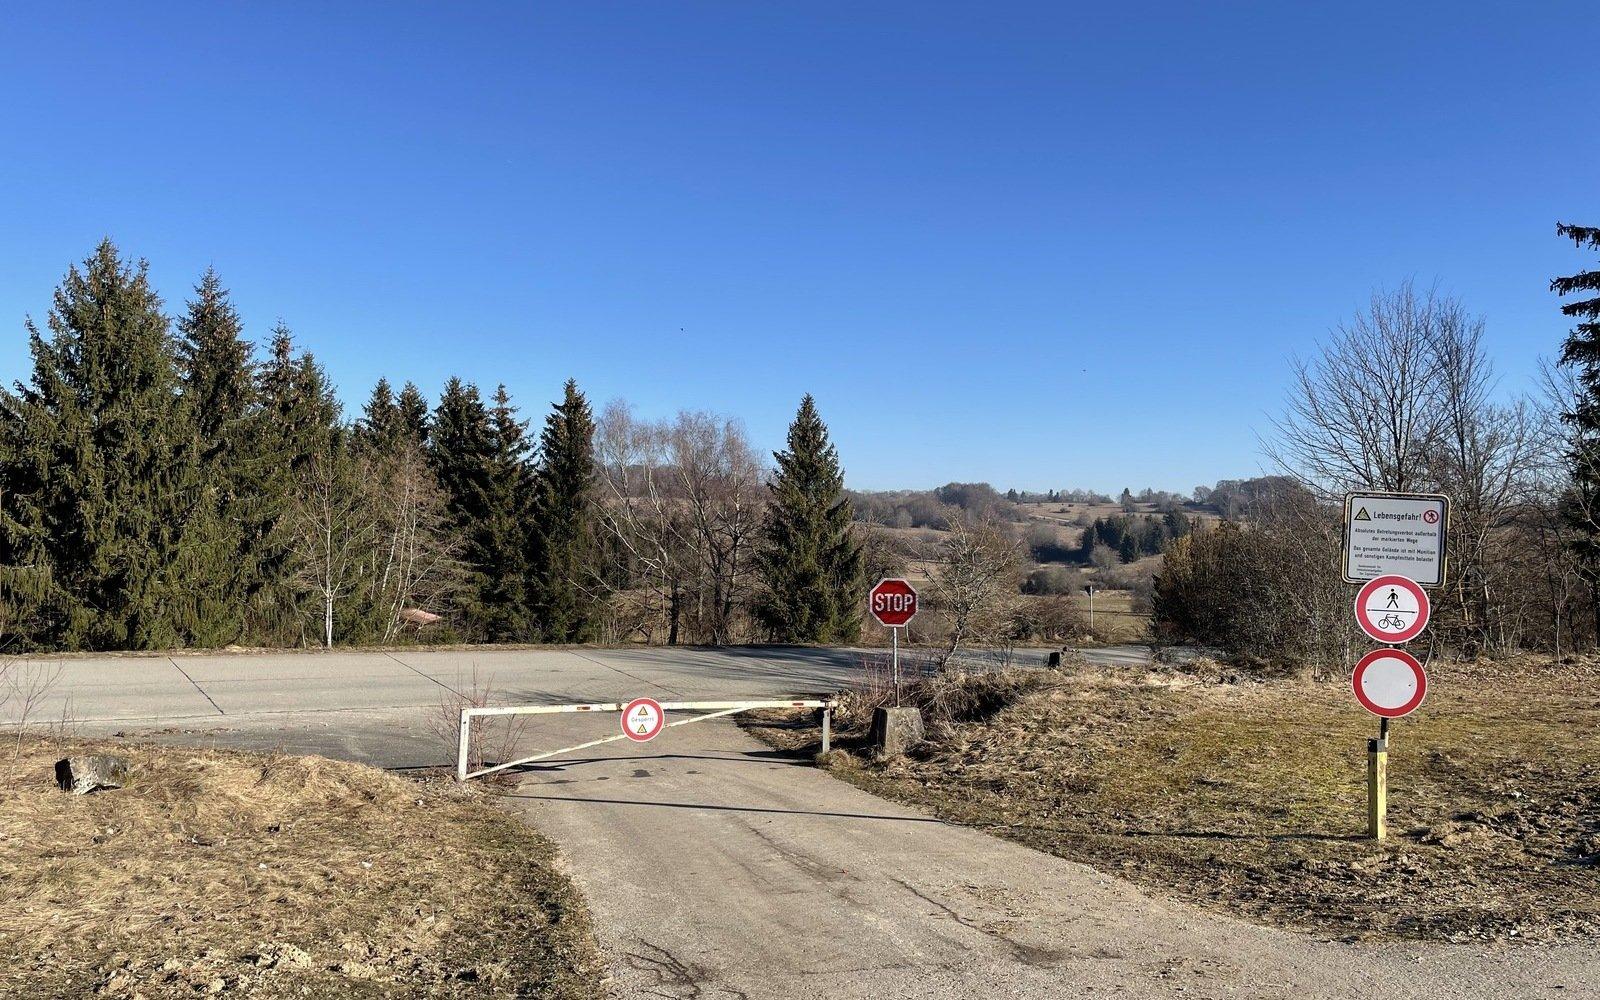 eine asphaltierte Straße mit einer Schranke und einem Verbotsschild im Hintergrund ein Wald